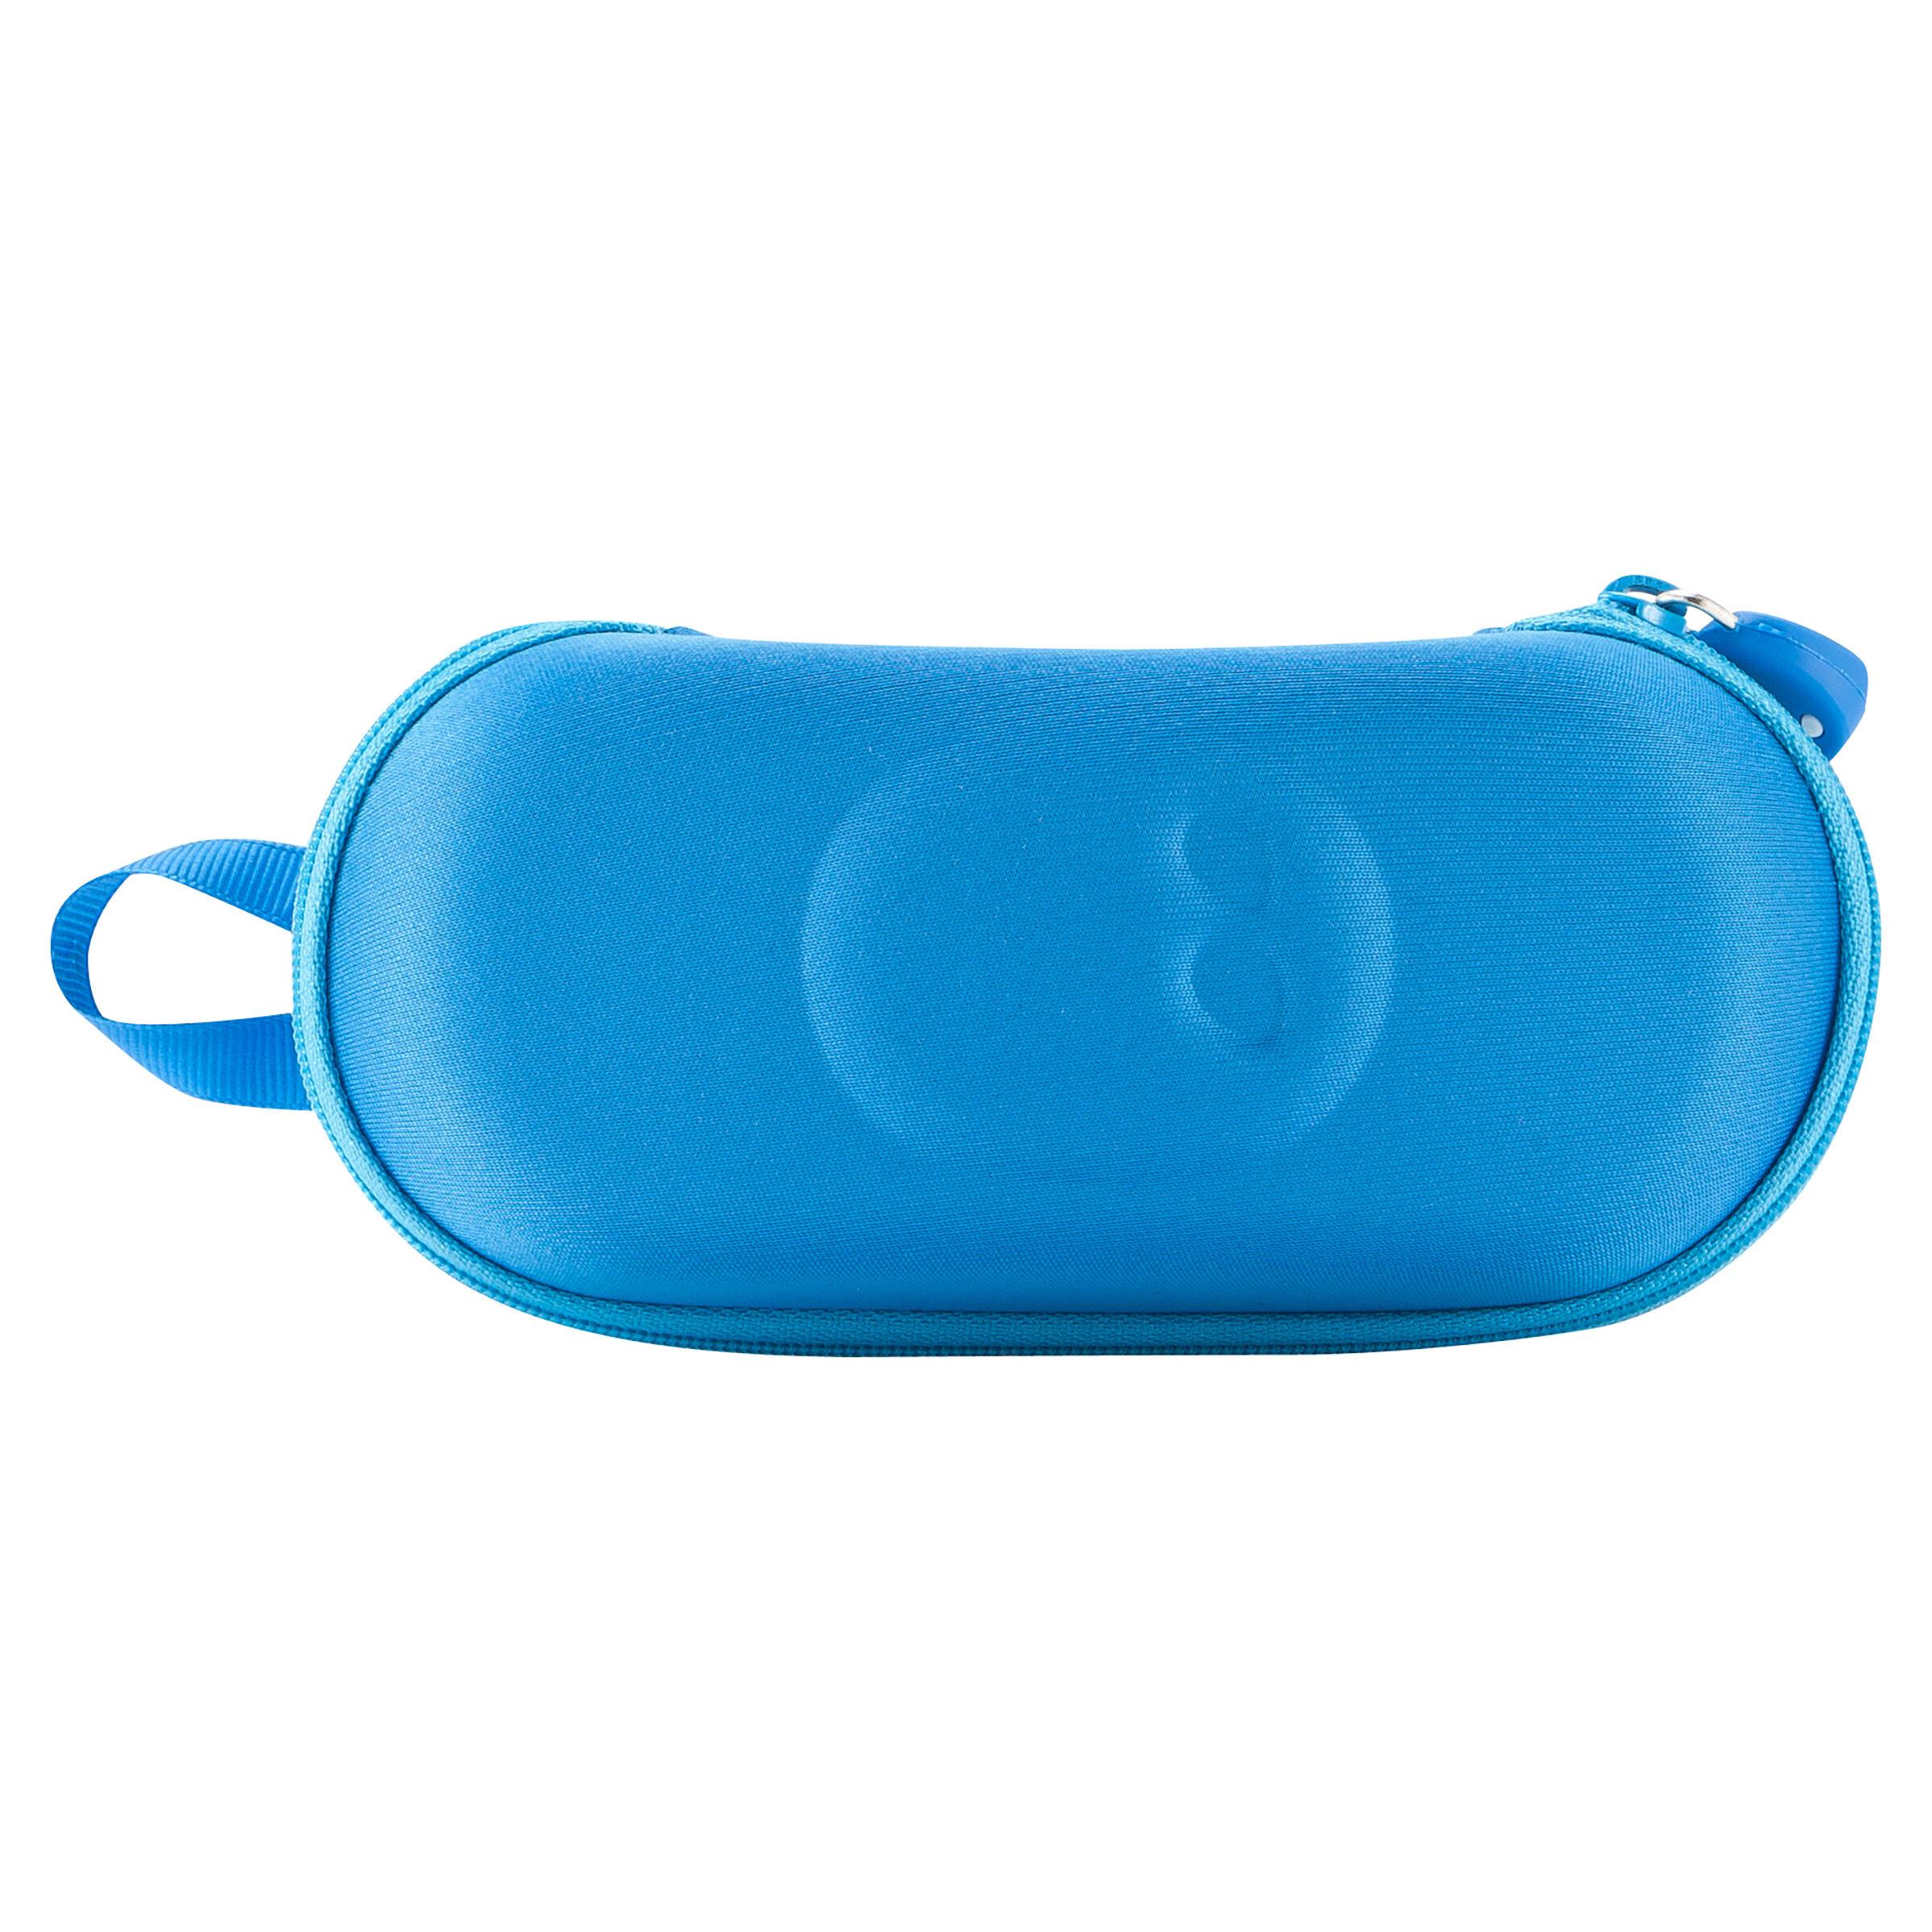 Estuche rígido para lentes de sol niños CASE 560 JR azul oscuro